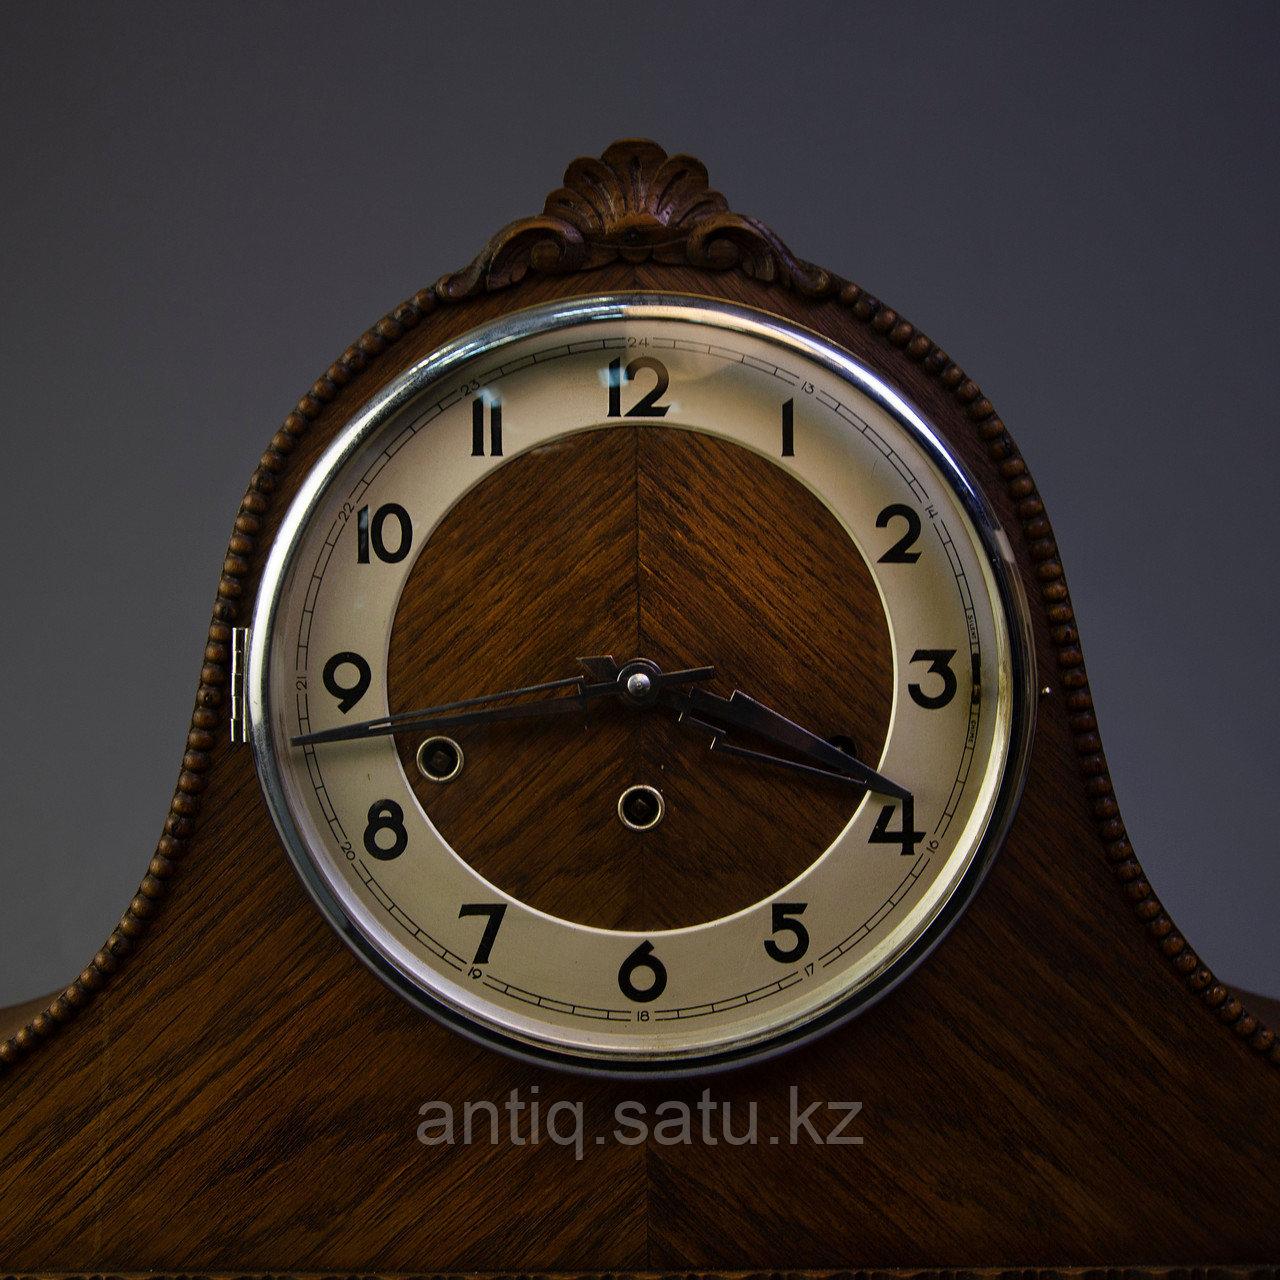 Настольные часы, Германия, I пол. ХХ века. - фото 5